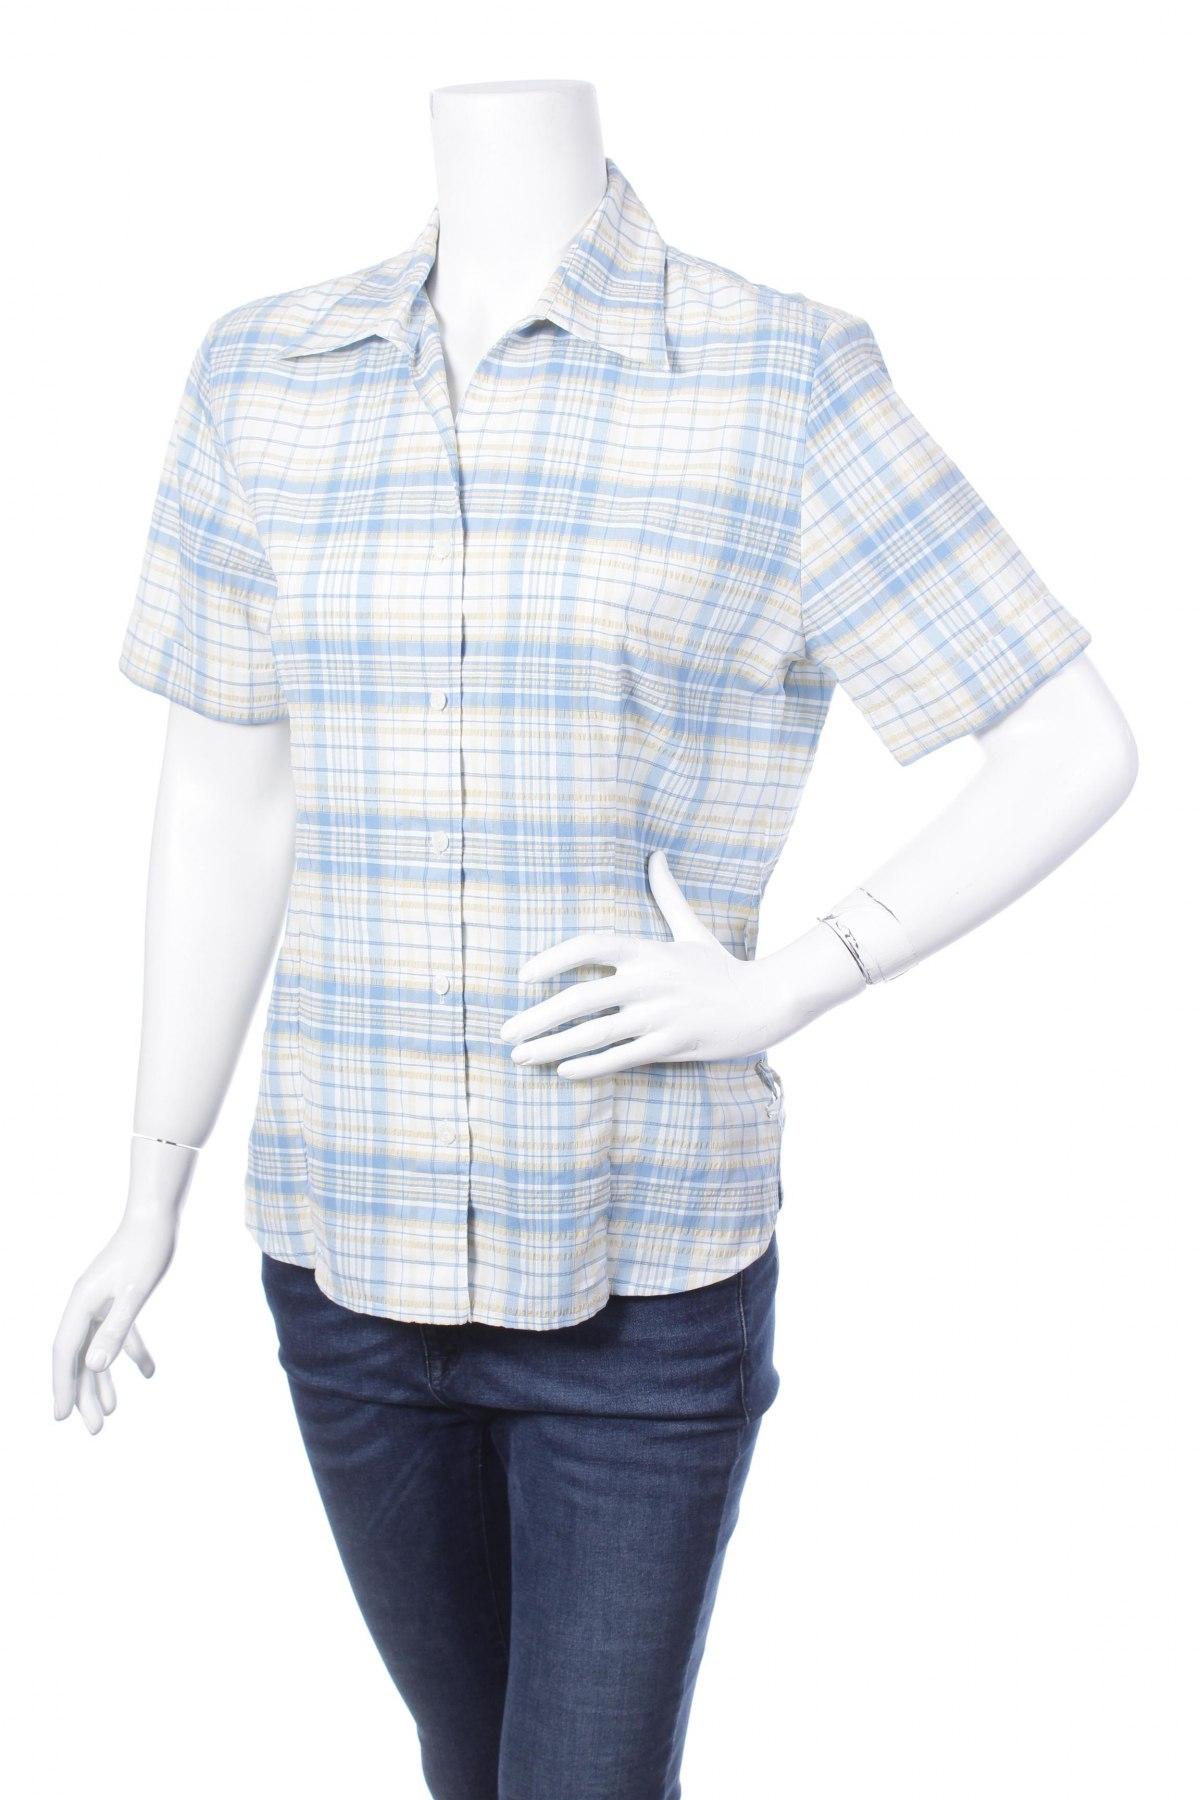 Γυναικείο πουκάμισο Larissa, Μέγεθος L, Χρώμα Πολύχρωμο, 48% πολυεστέρας, 27% πολυαμίδη, 13% βαμβάκι, 11% βισκόζη, 1% ελαστάνη, Τιμή 9,28€